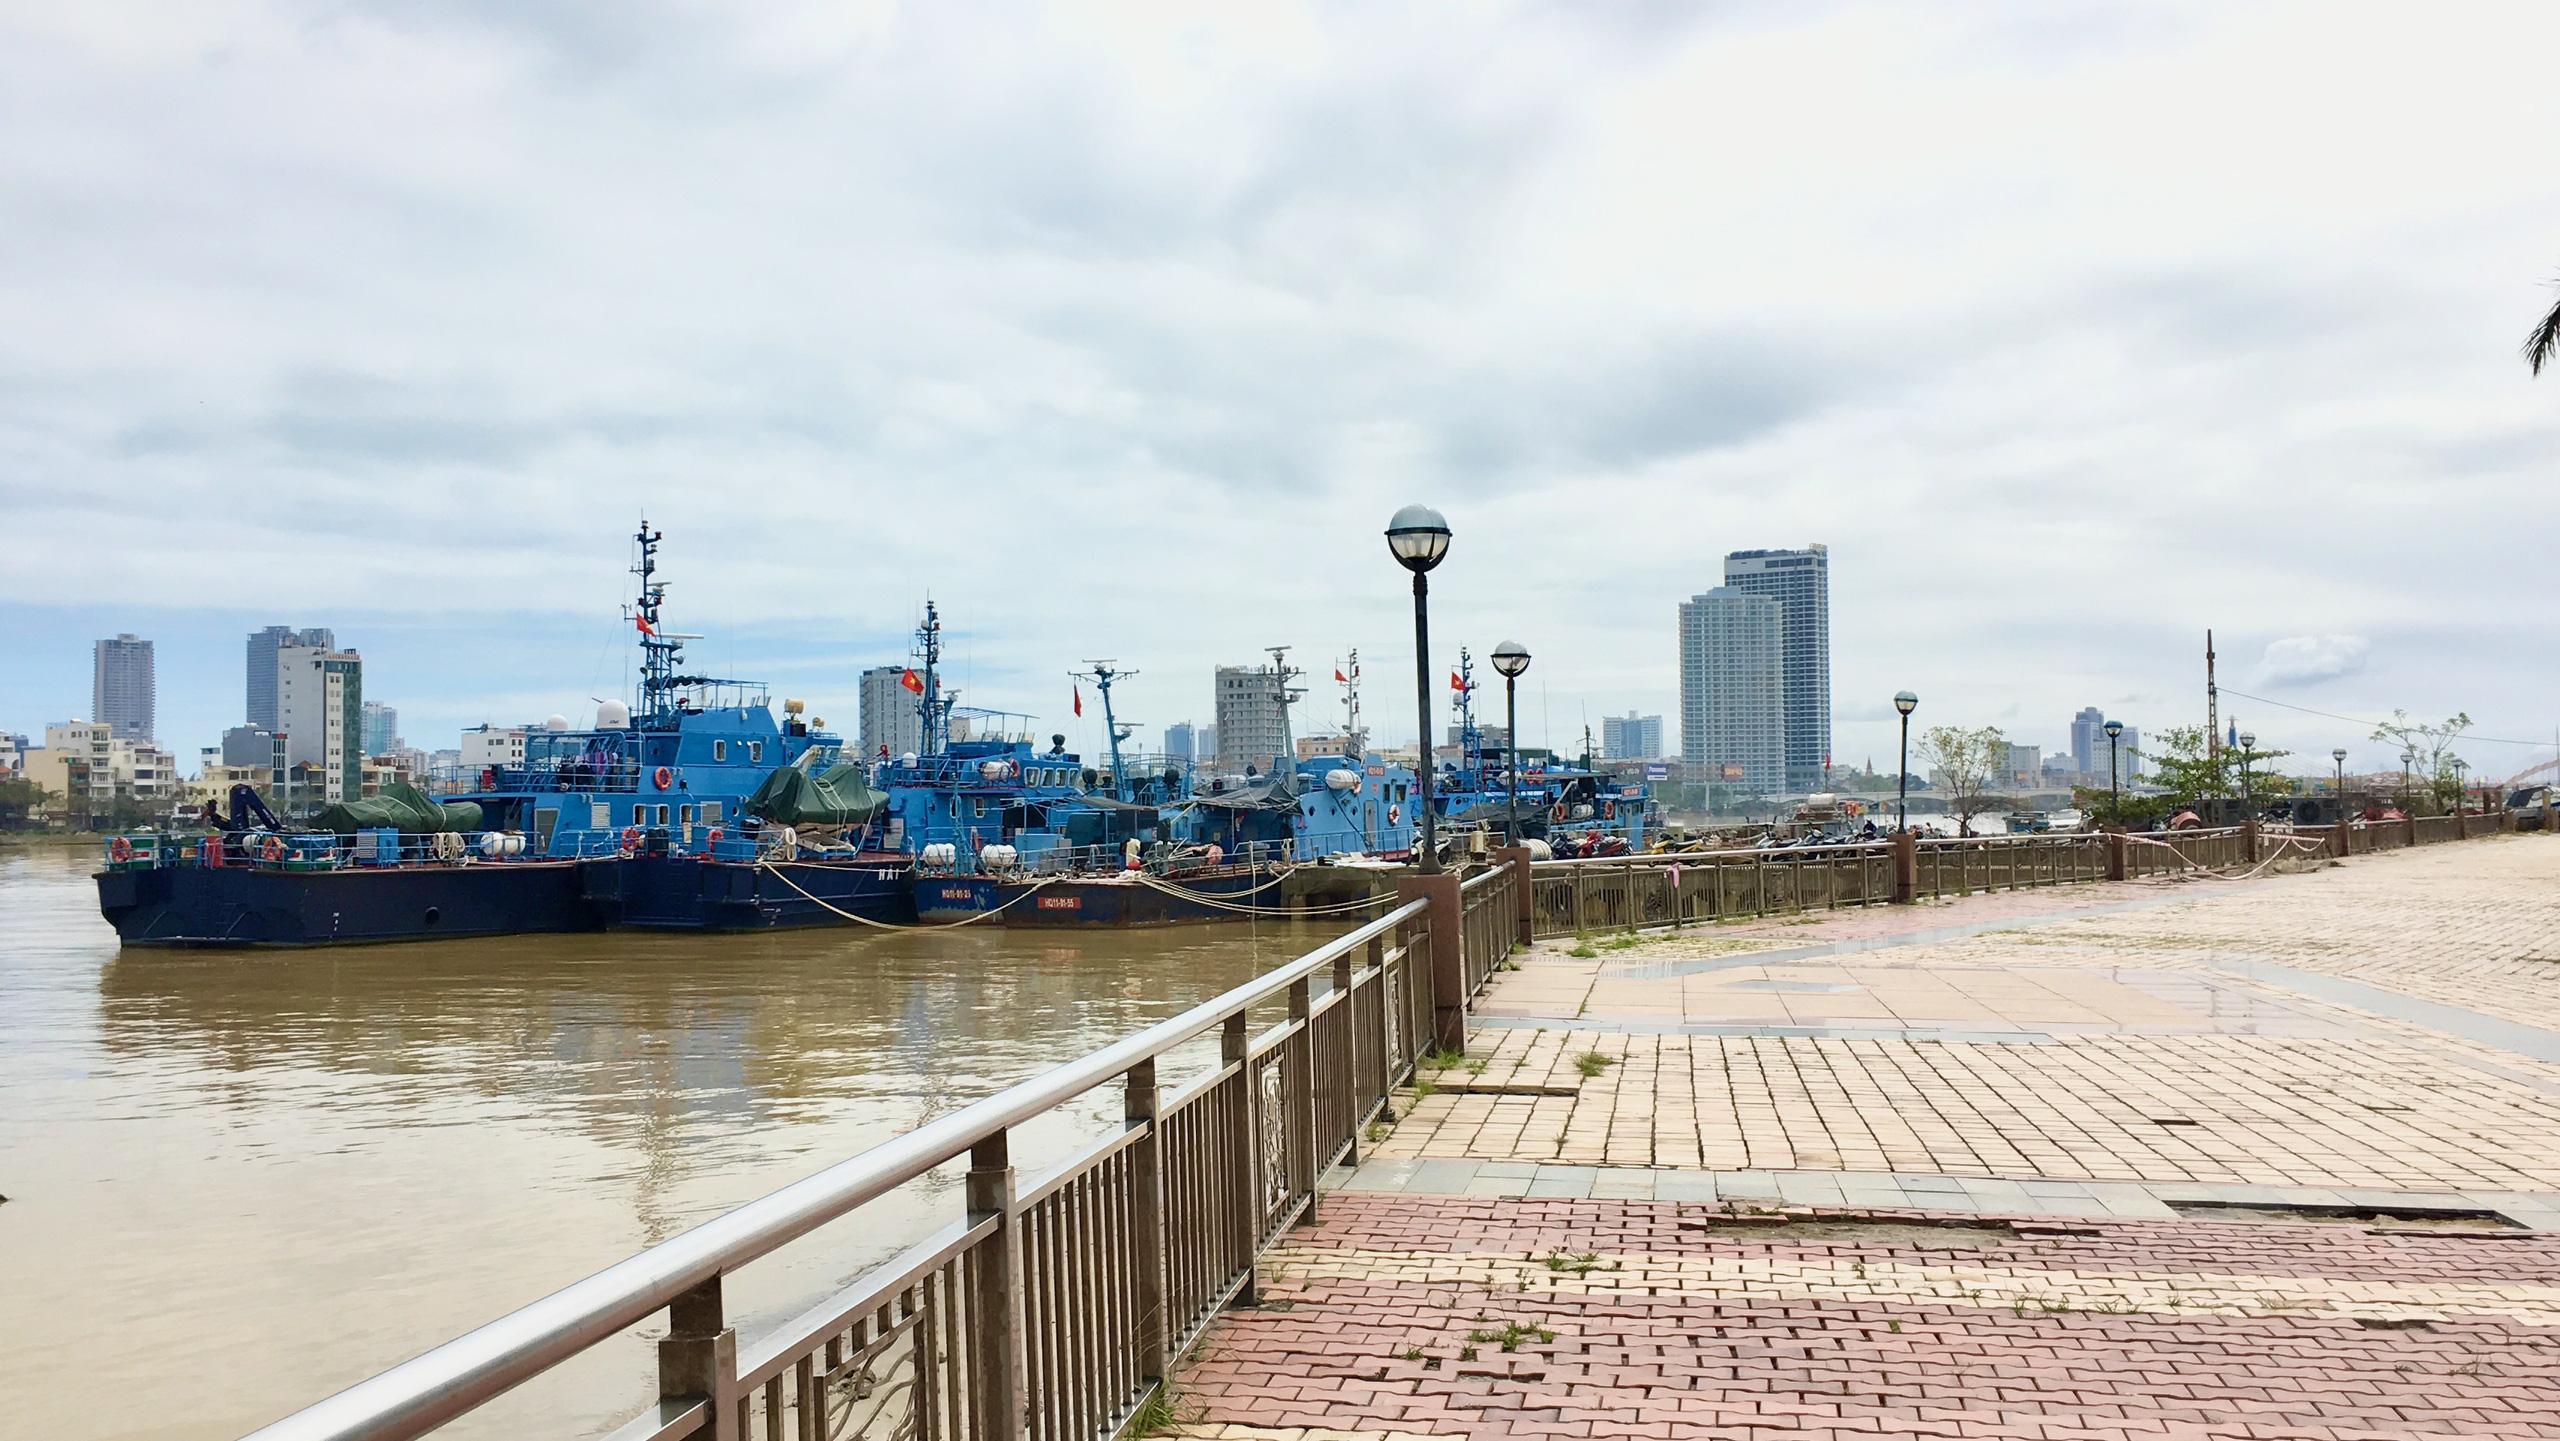 Hai vị trí ven sông Hàn Đà Nẵng kêu gọi đầu tư bến du thuyền quốc tế - Ảnh 5.